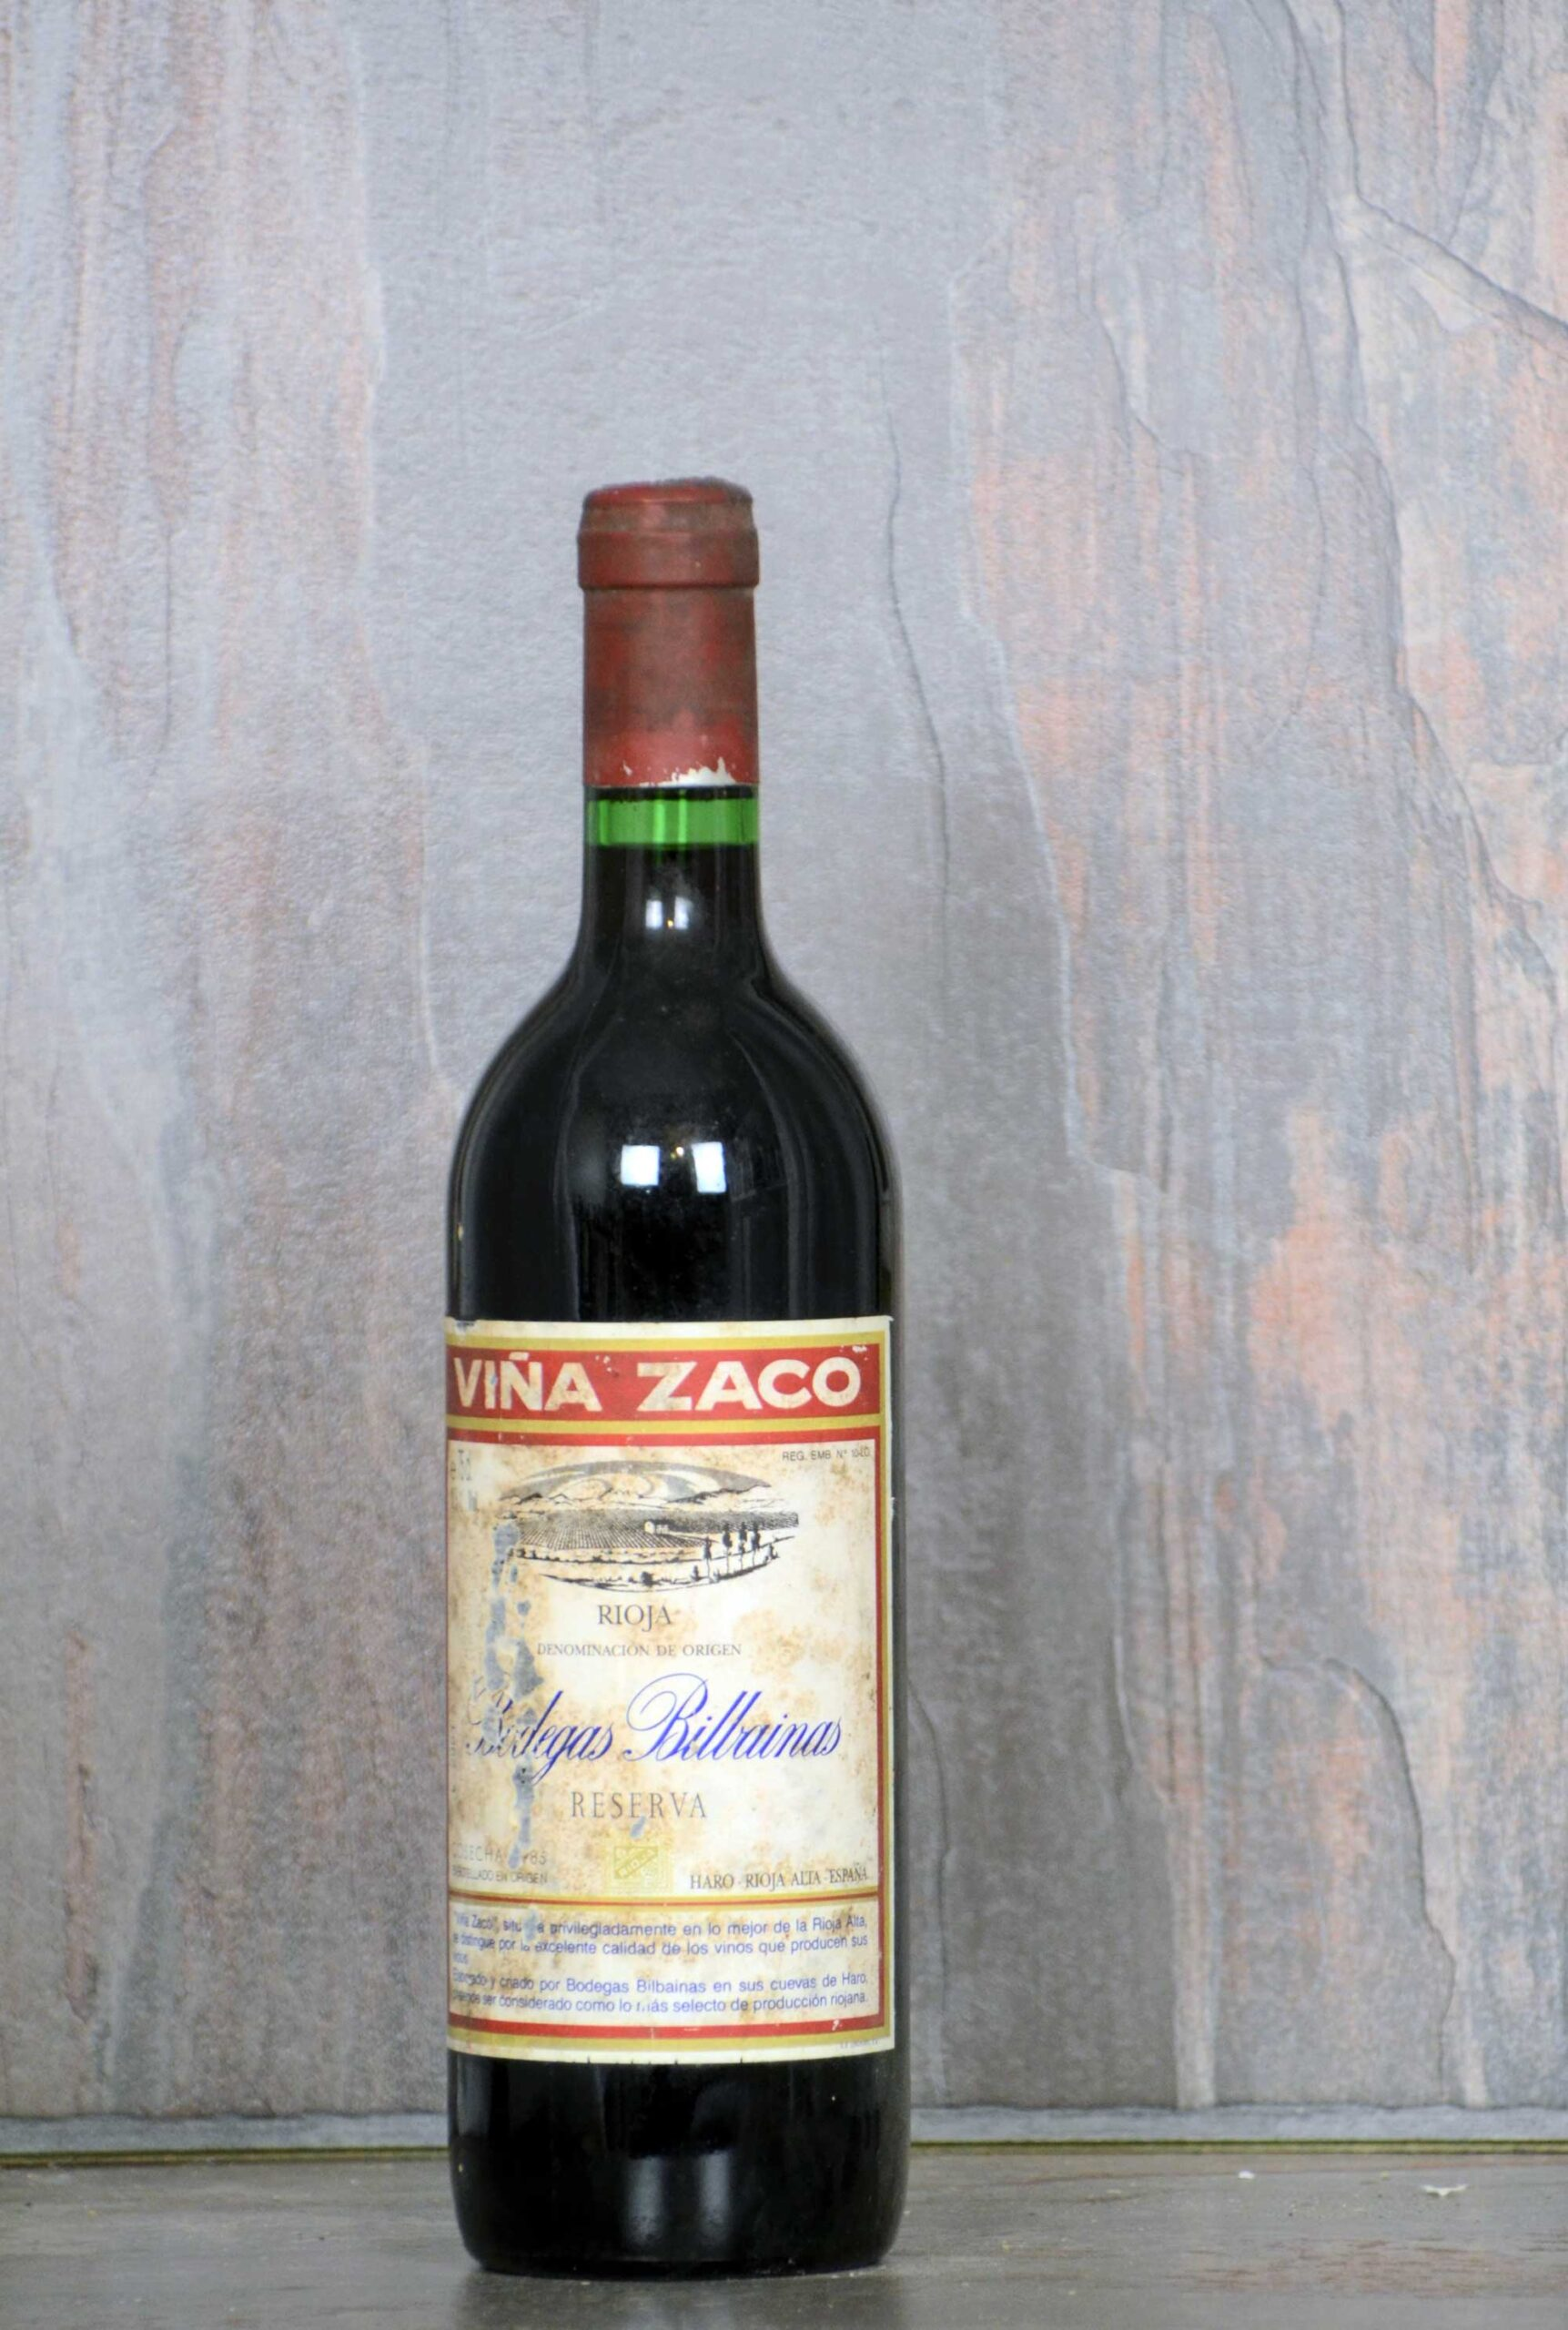 Viña Zaco Reserva 1985